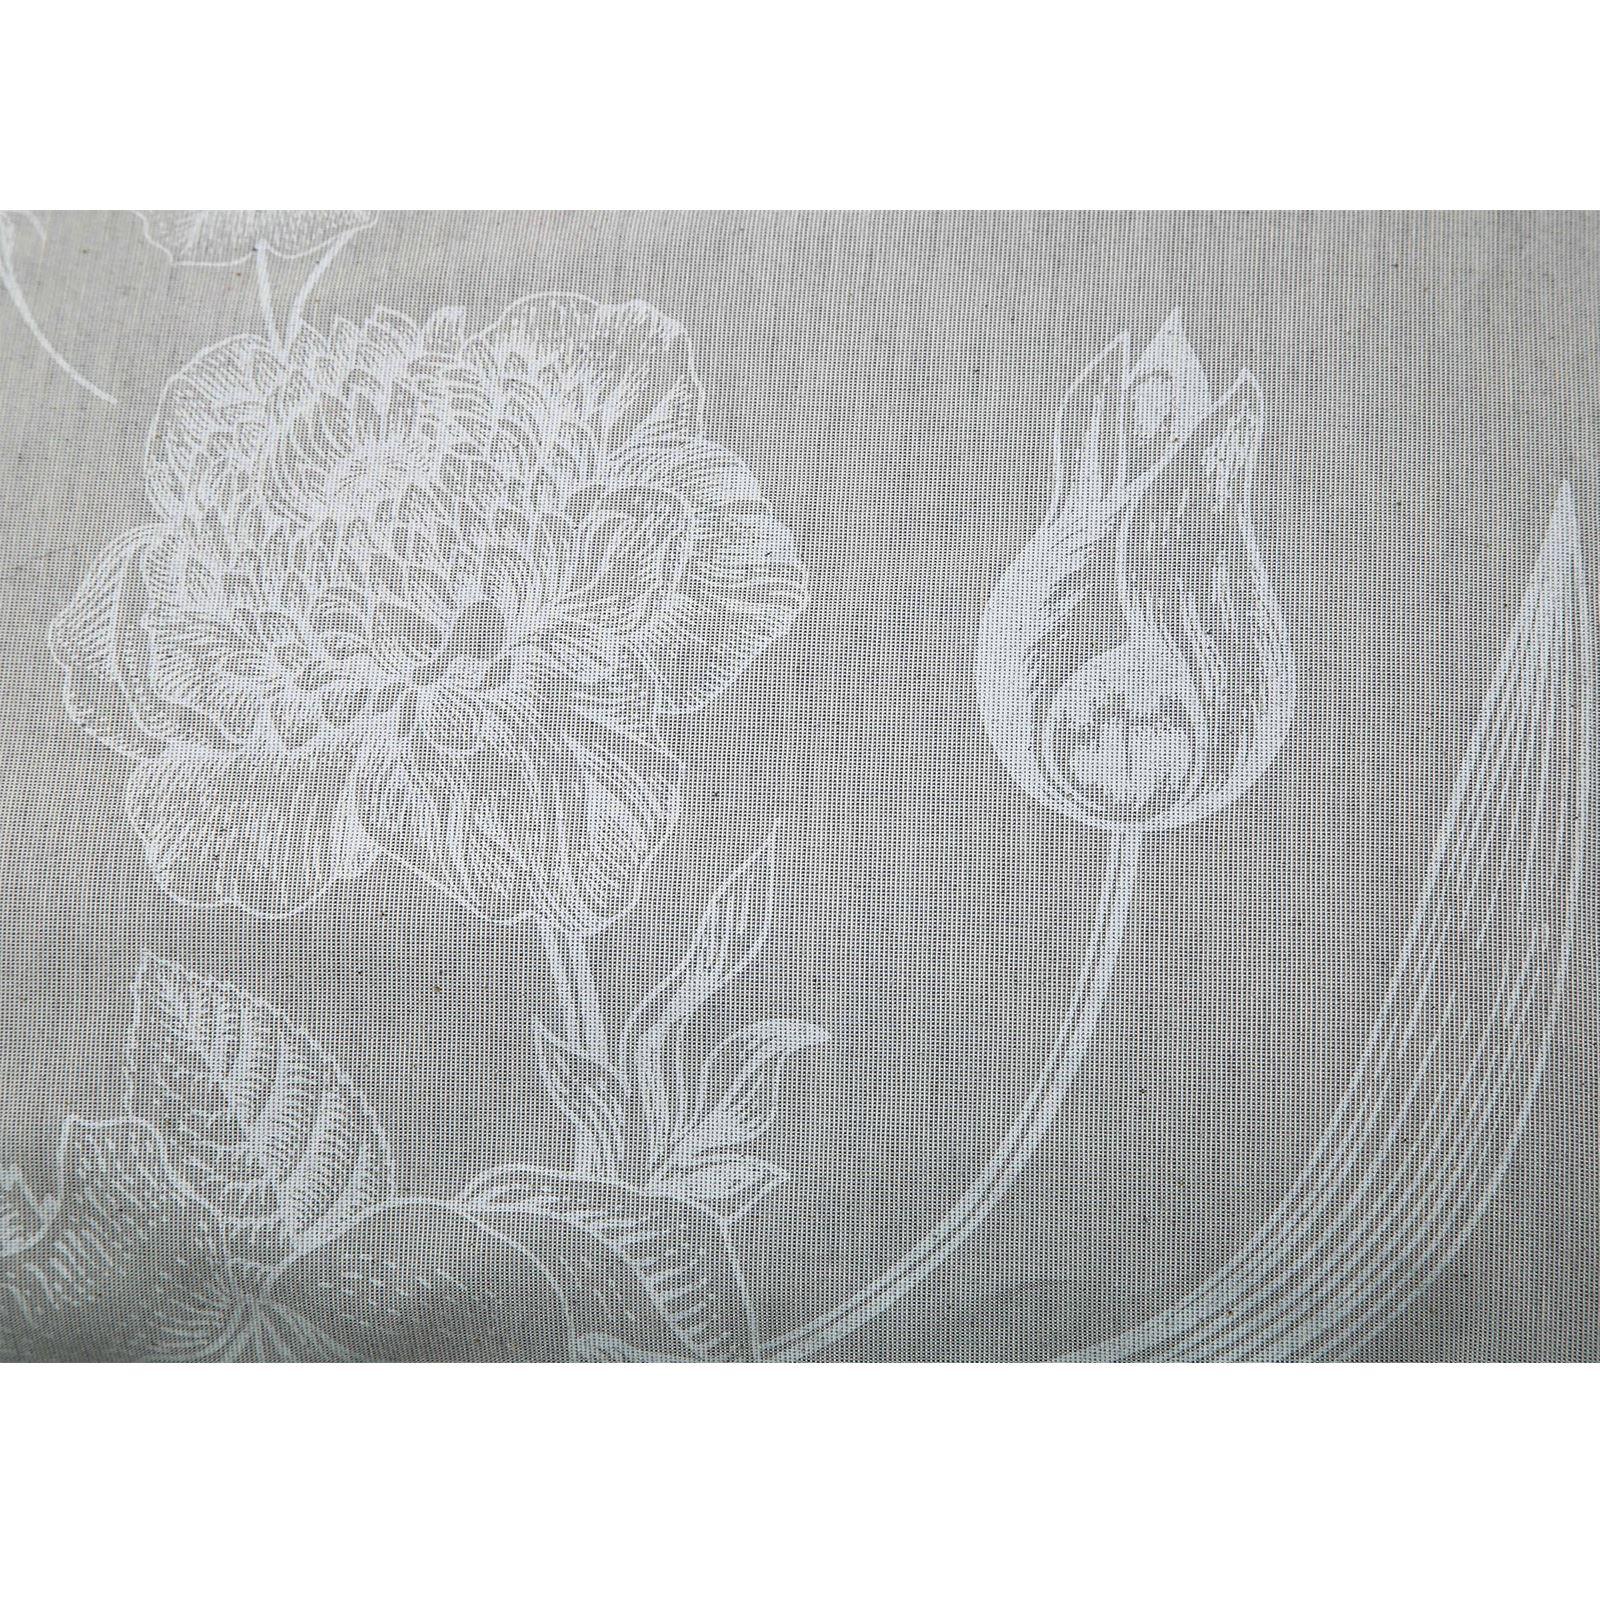 Funda-De-Edredon-Edredon-Juego-De-Cama-Individual-Doble-King-Size-Con-Estampado-Floral-fil-a-fil miniatura 5